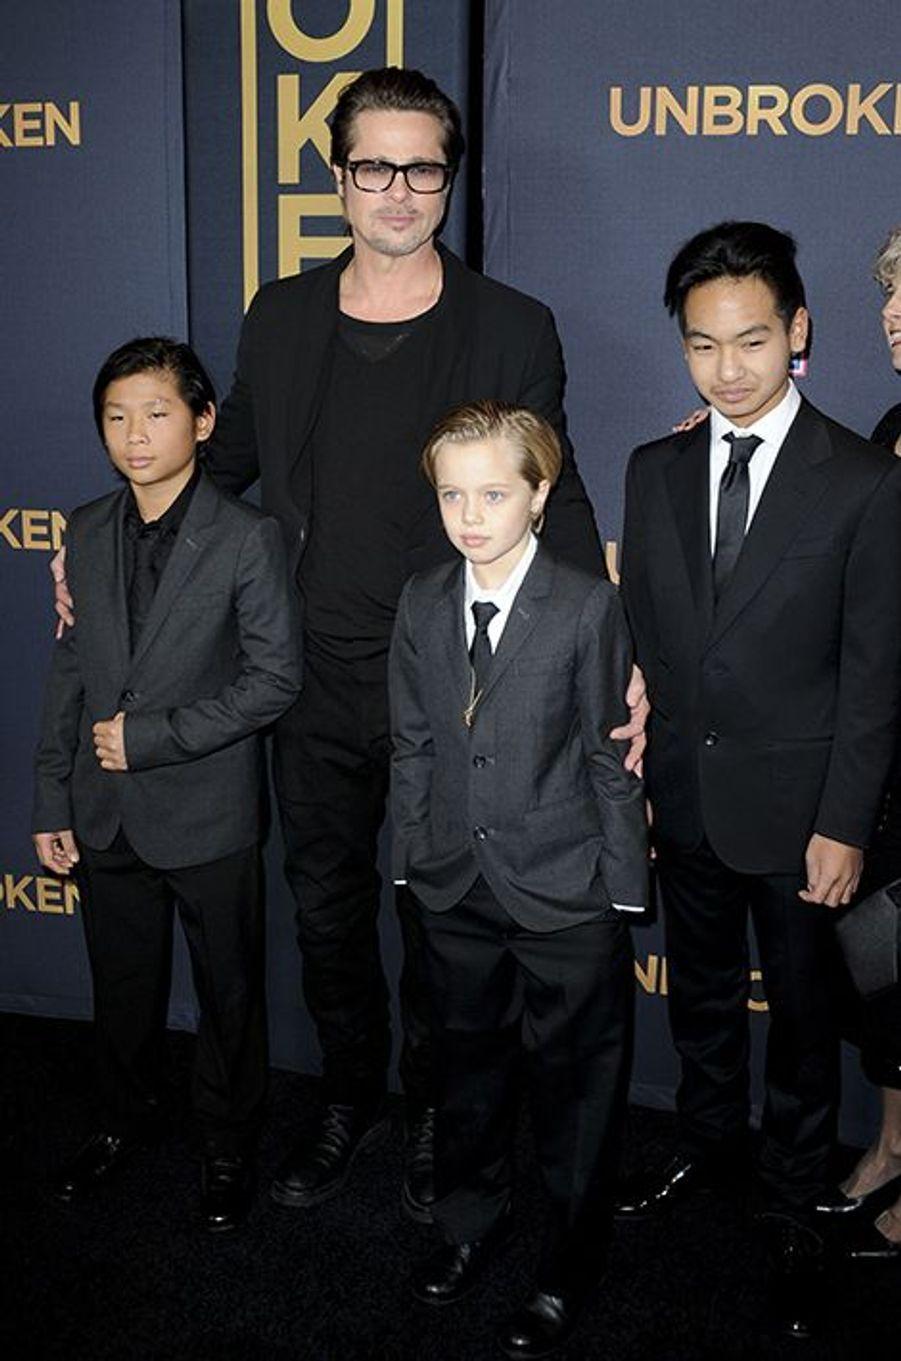 Brad Pitt, entouré de ses enfants, Pax, Shiloh et Maddox, à Los Angeles le 15 décembre 2014